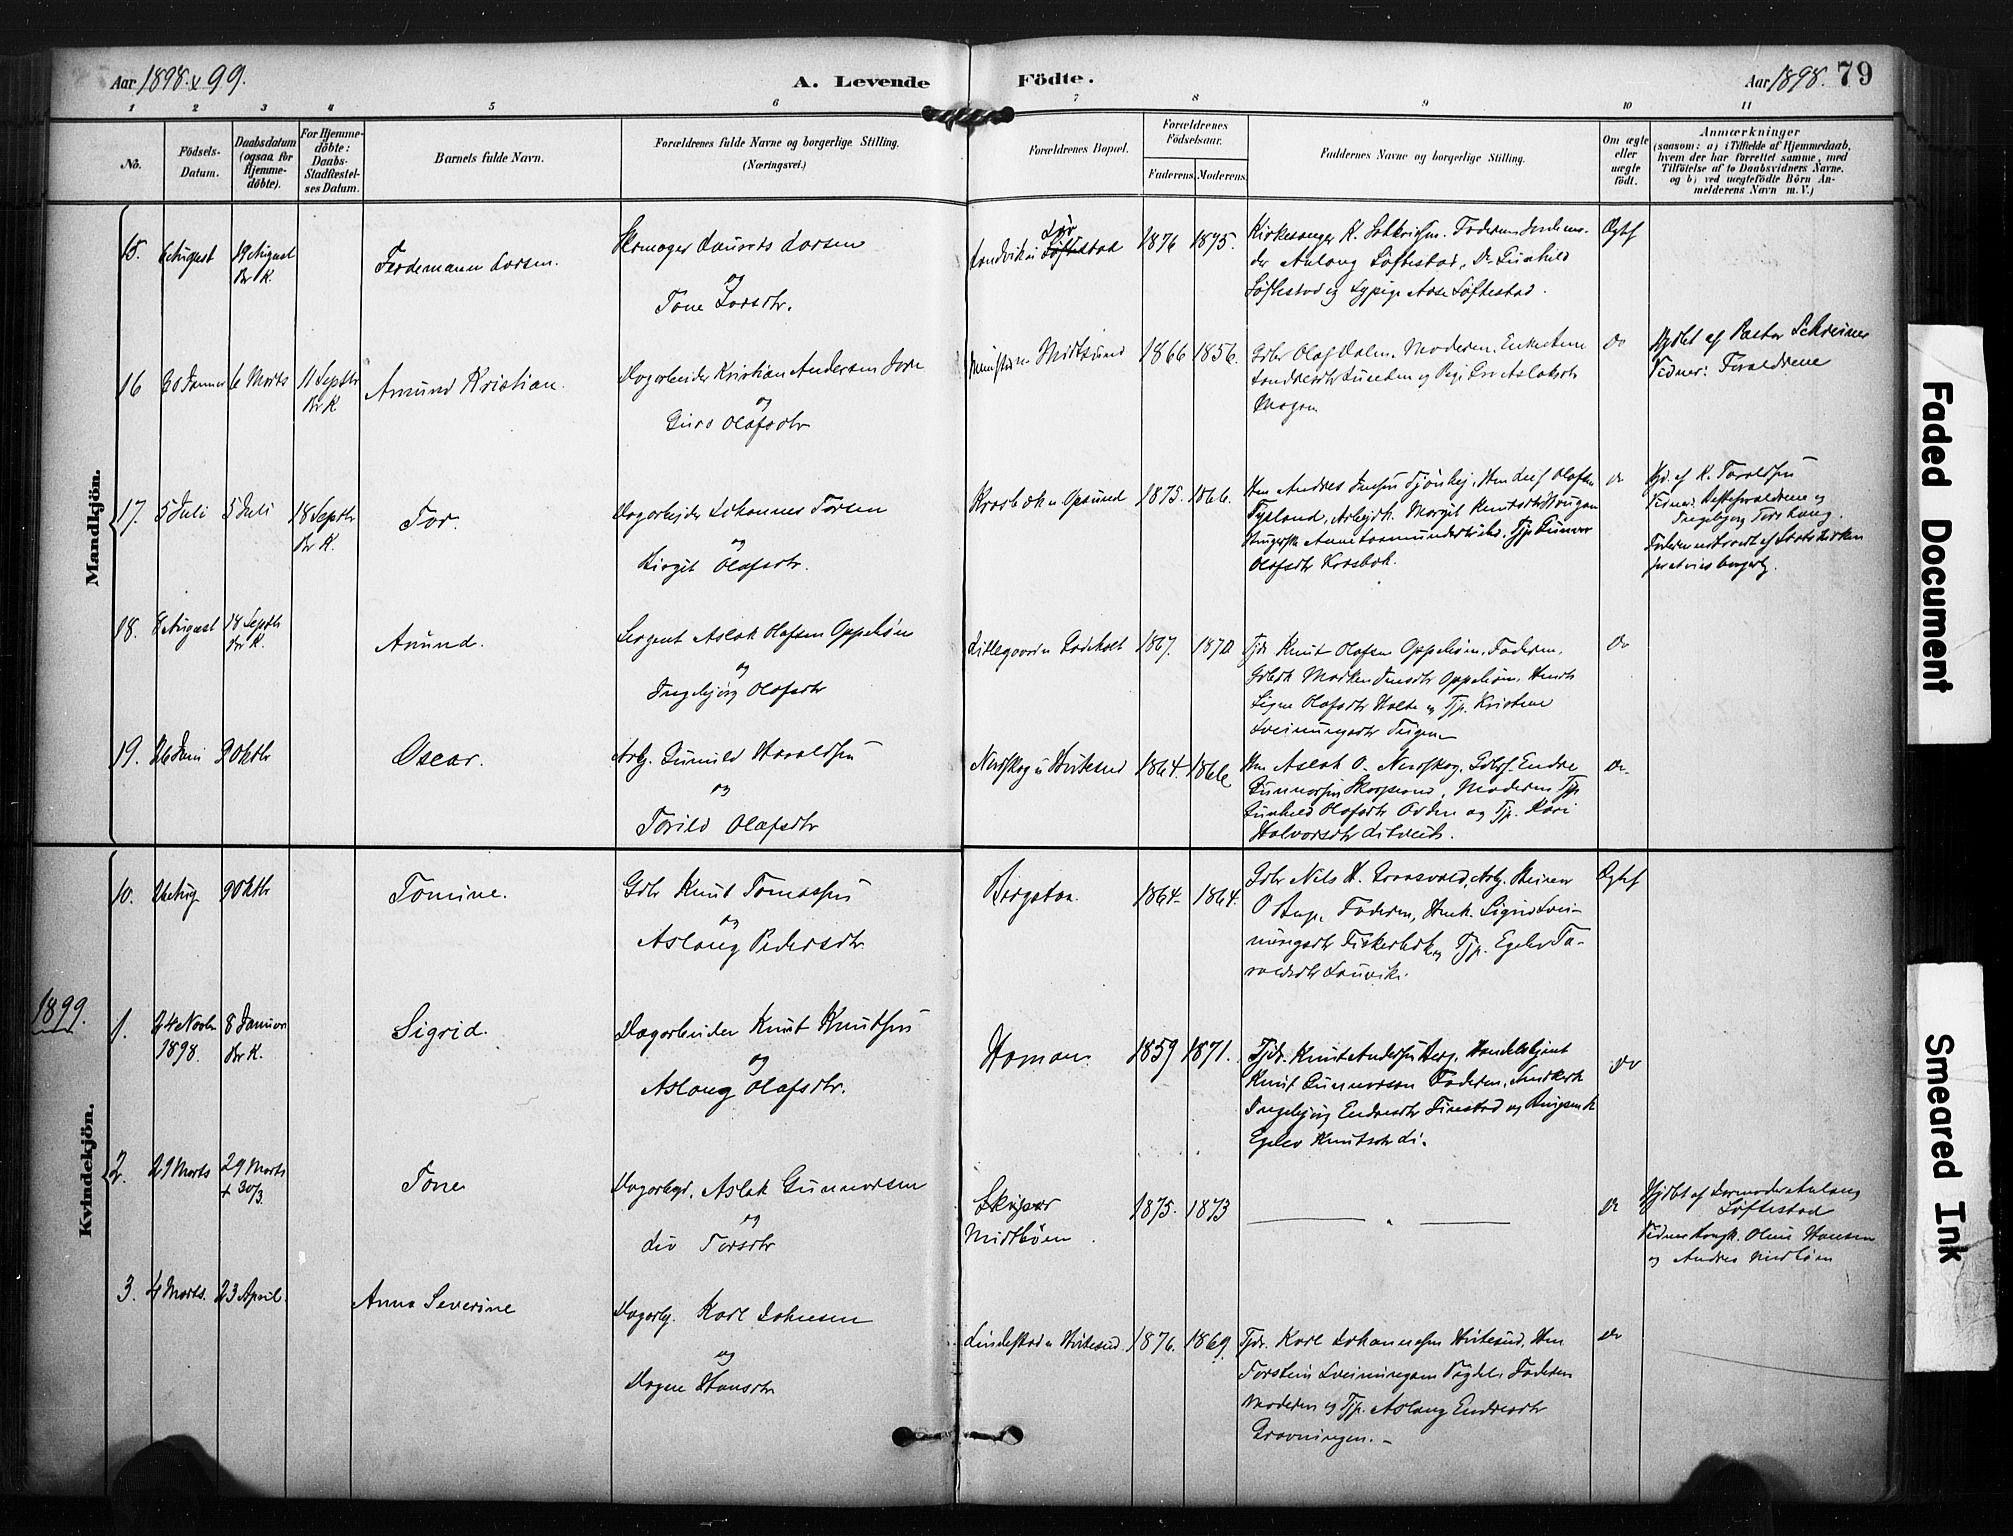 SAKO, Kviteseid kirkebøker, F/Fa/L0008: Ministerialbok nr. I 8, 1882-1903, s. 79